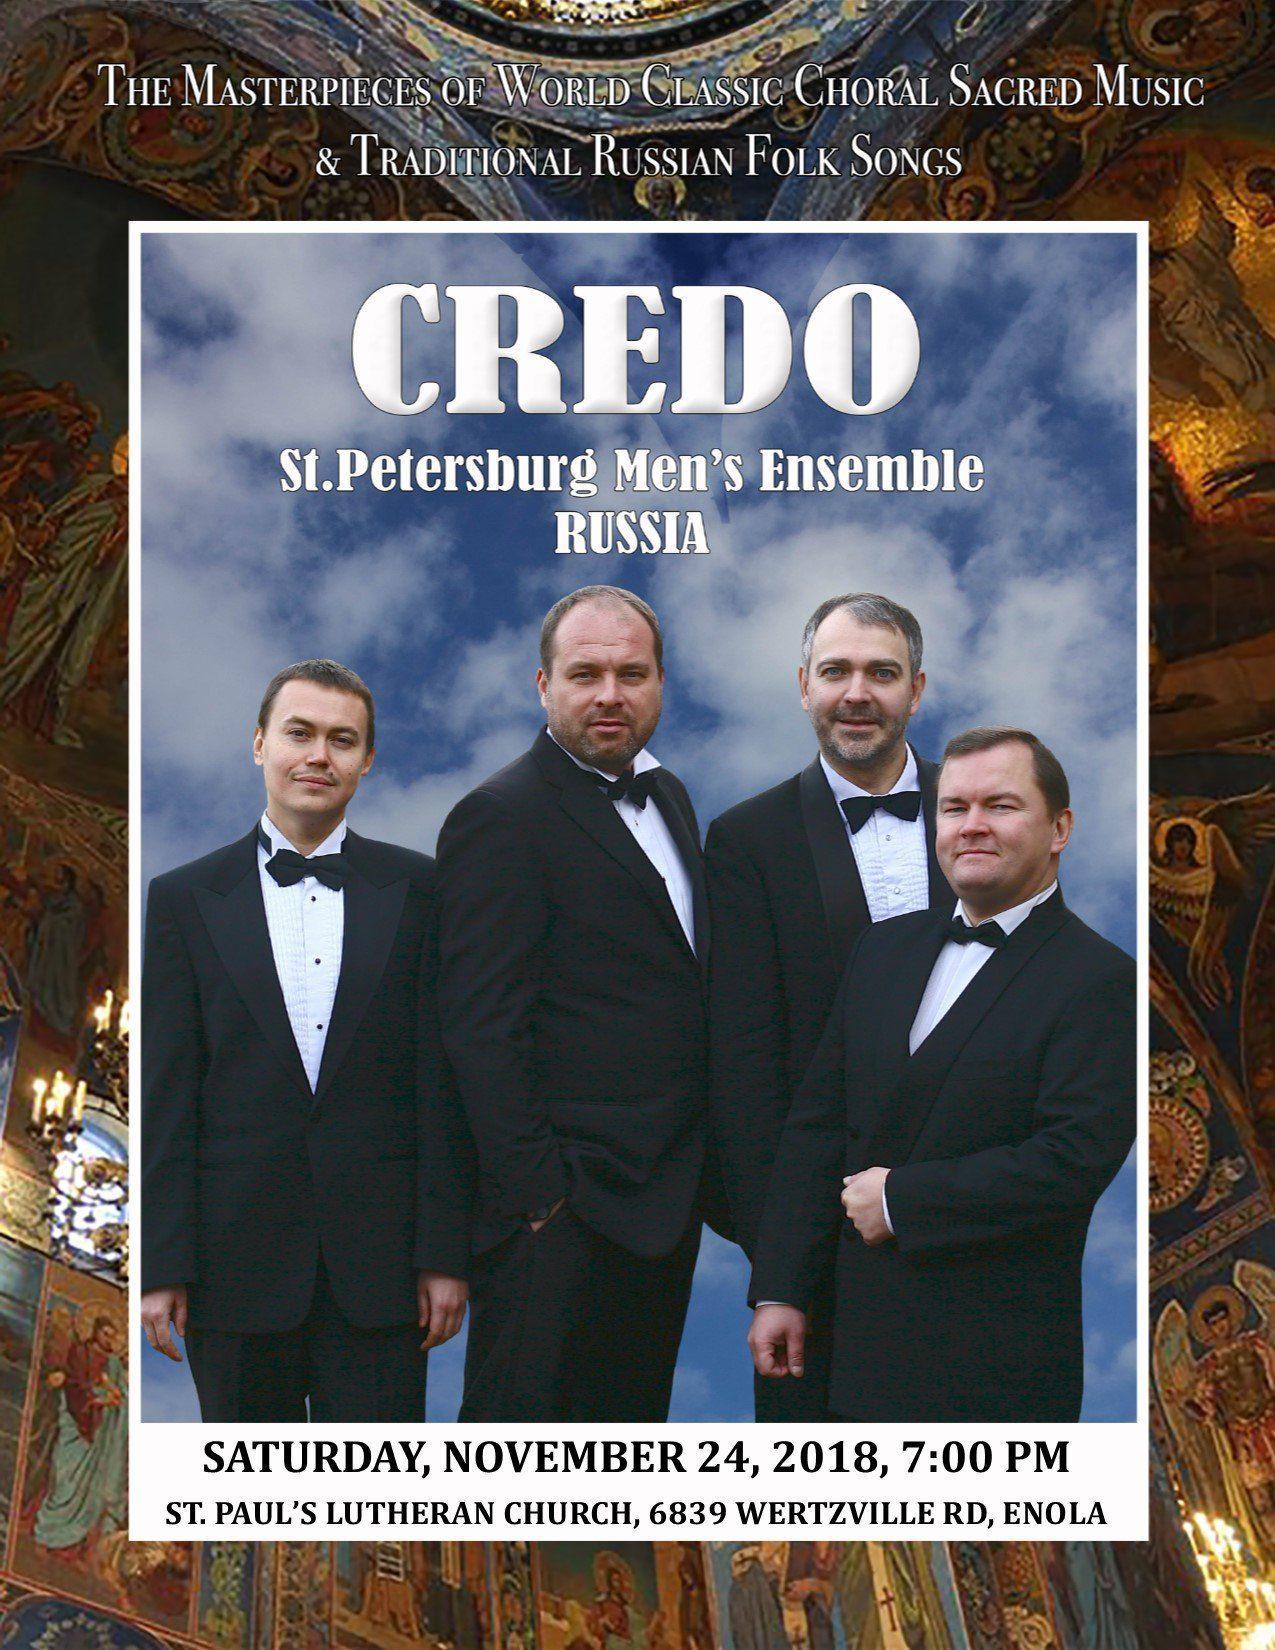 St. Petersburg Men's Ensemble